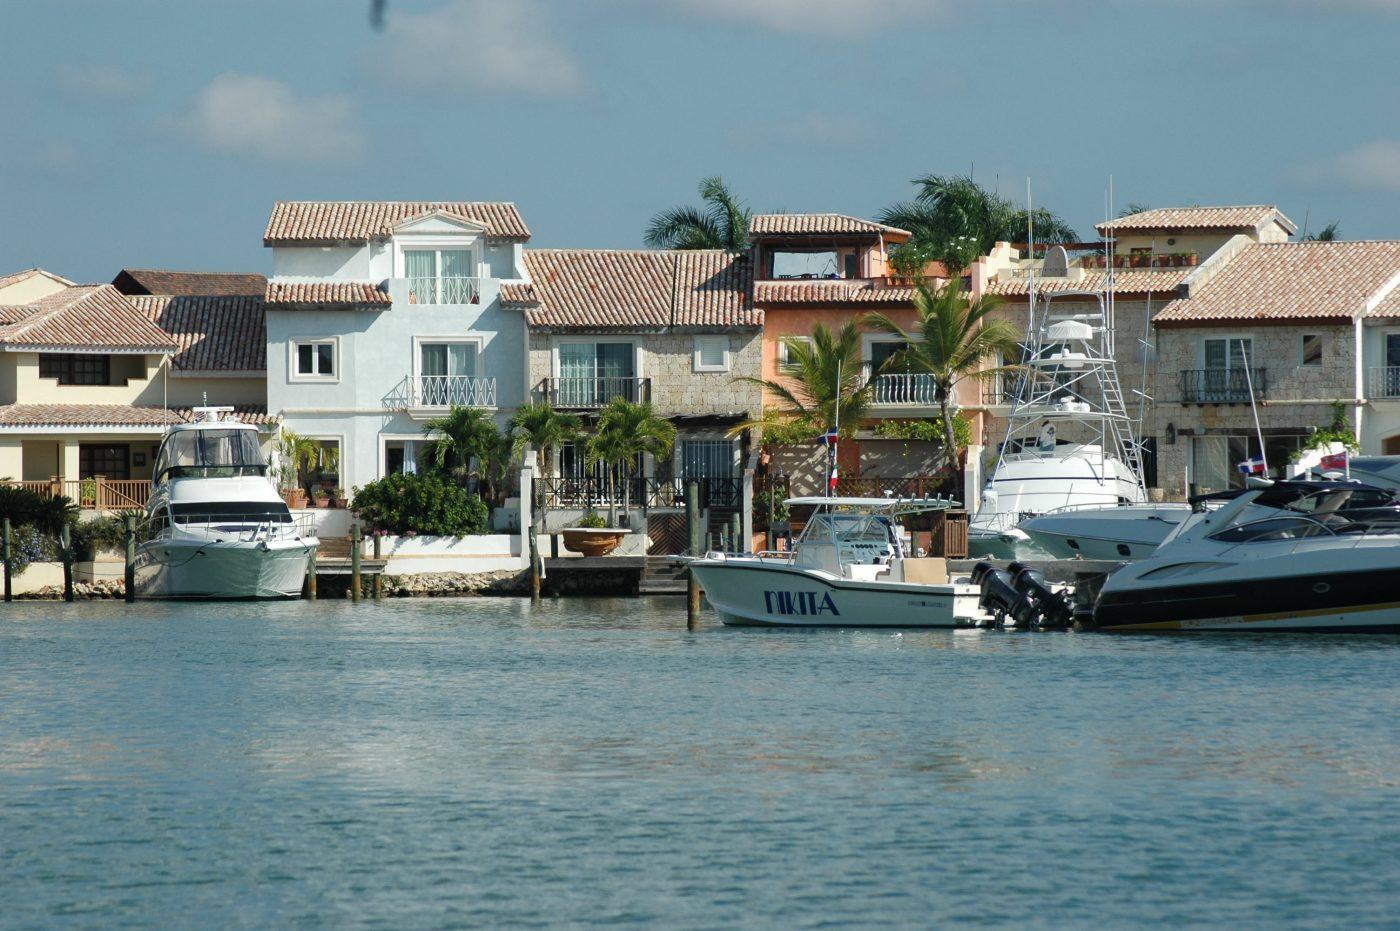 marina-casa-de-campo-republica-dominicana-wannaboats-03